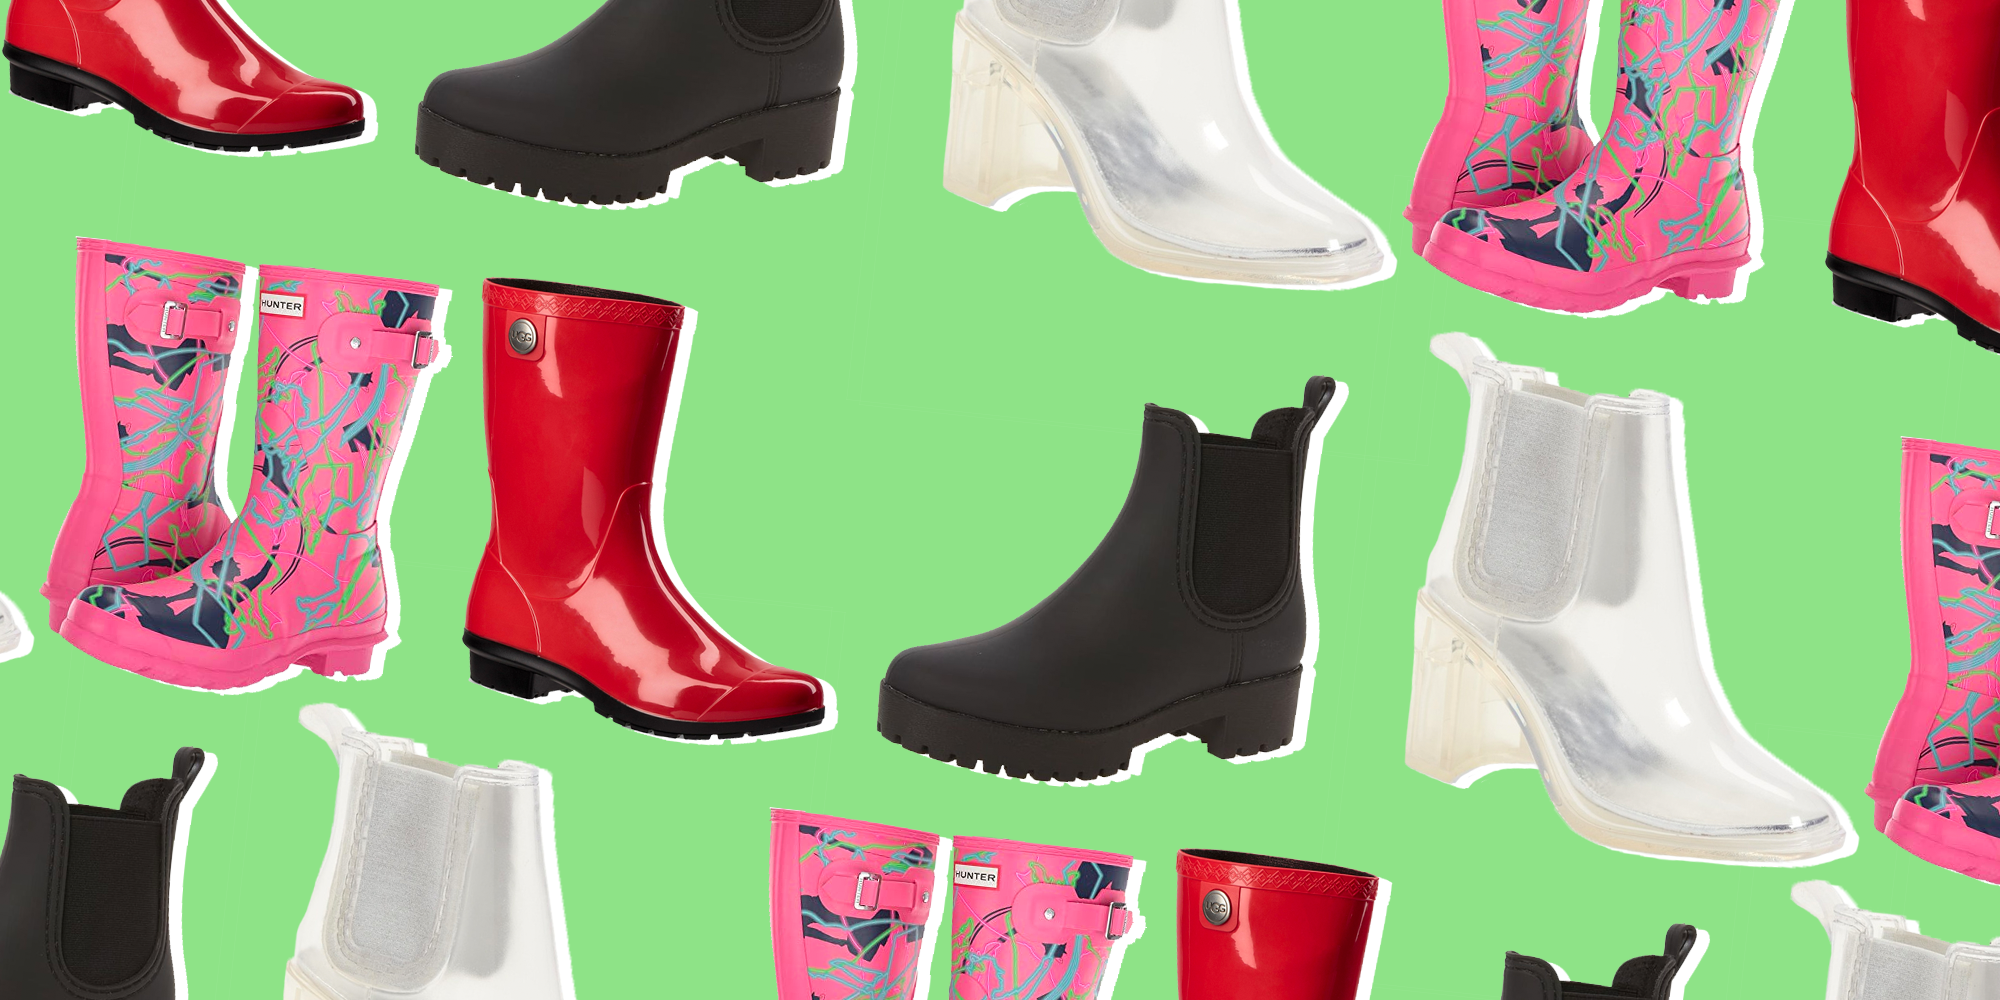 14 Best Rain Boots For Women 2020 Top Waterproof Boots